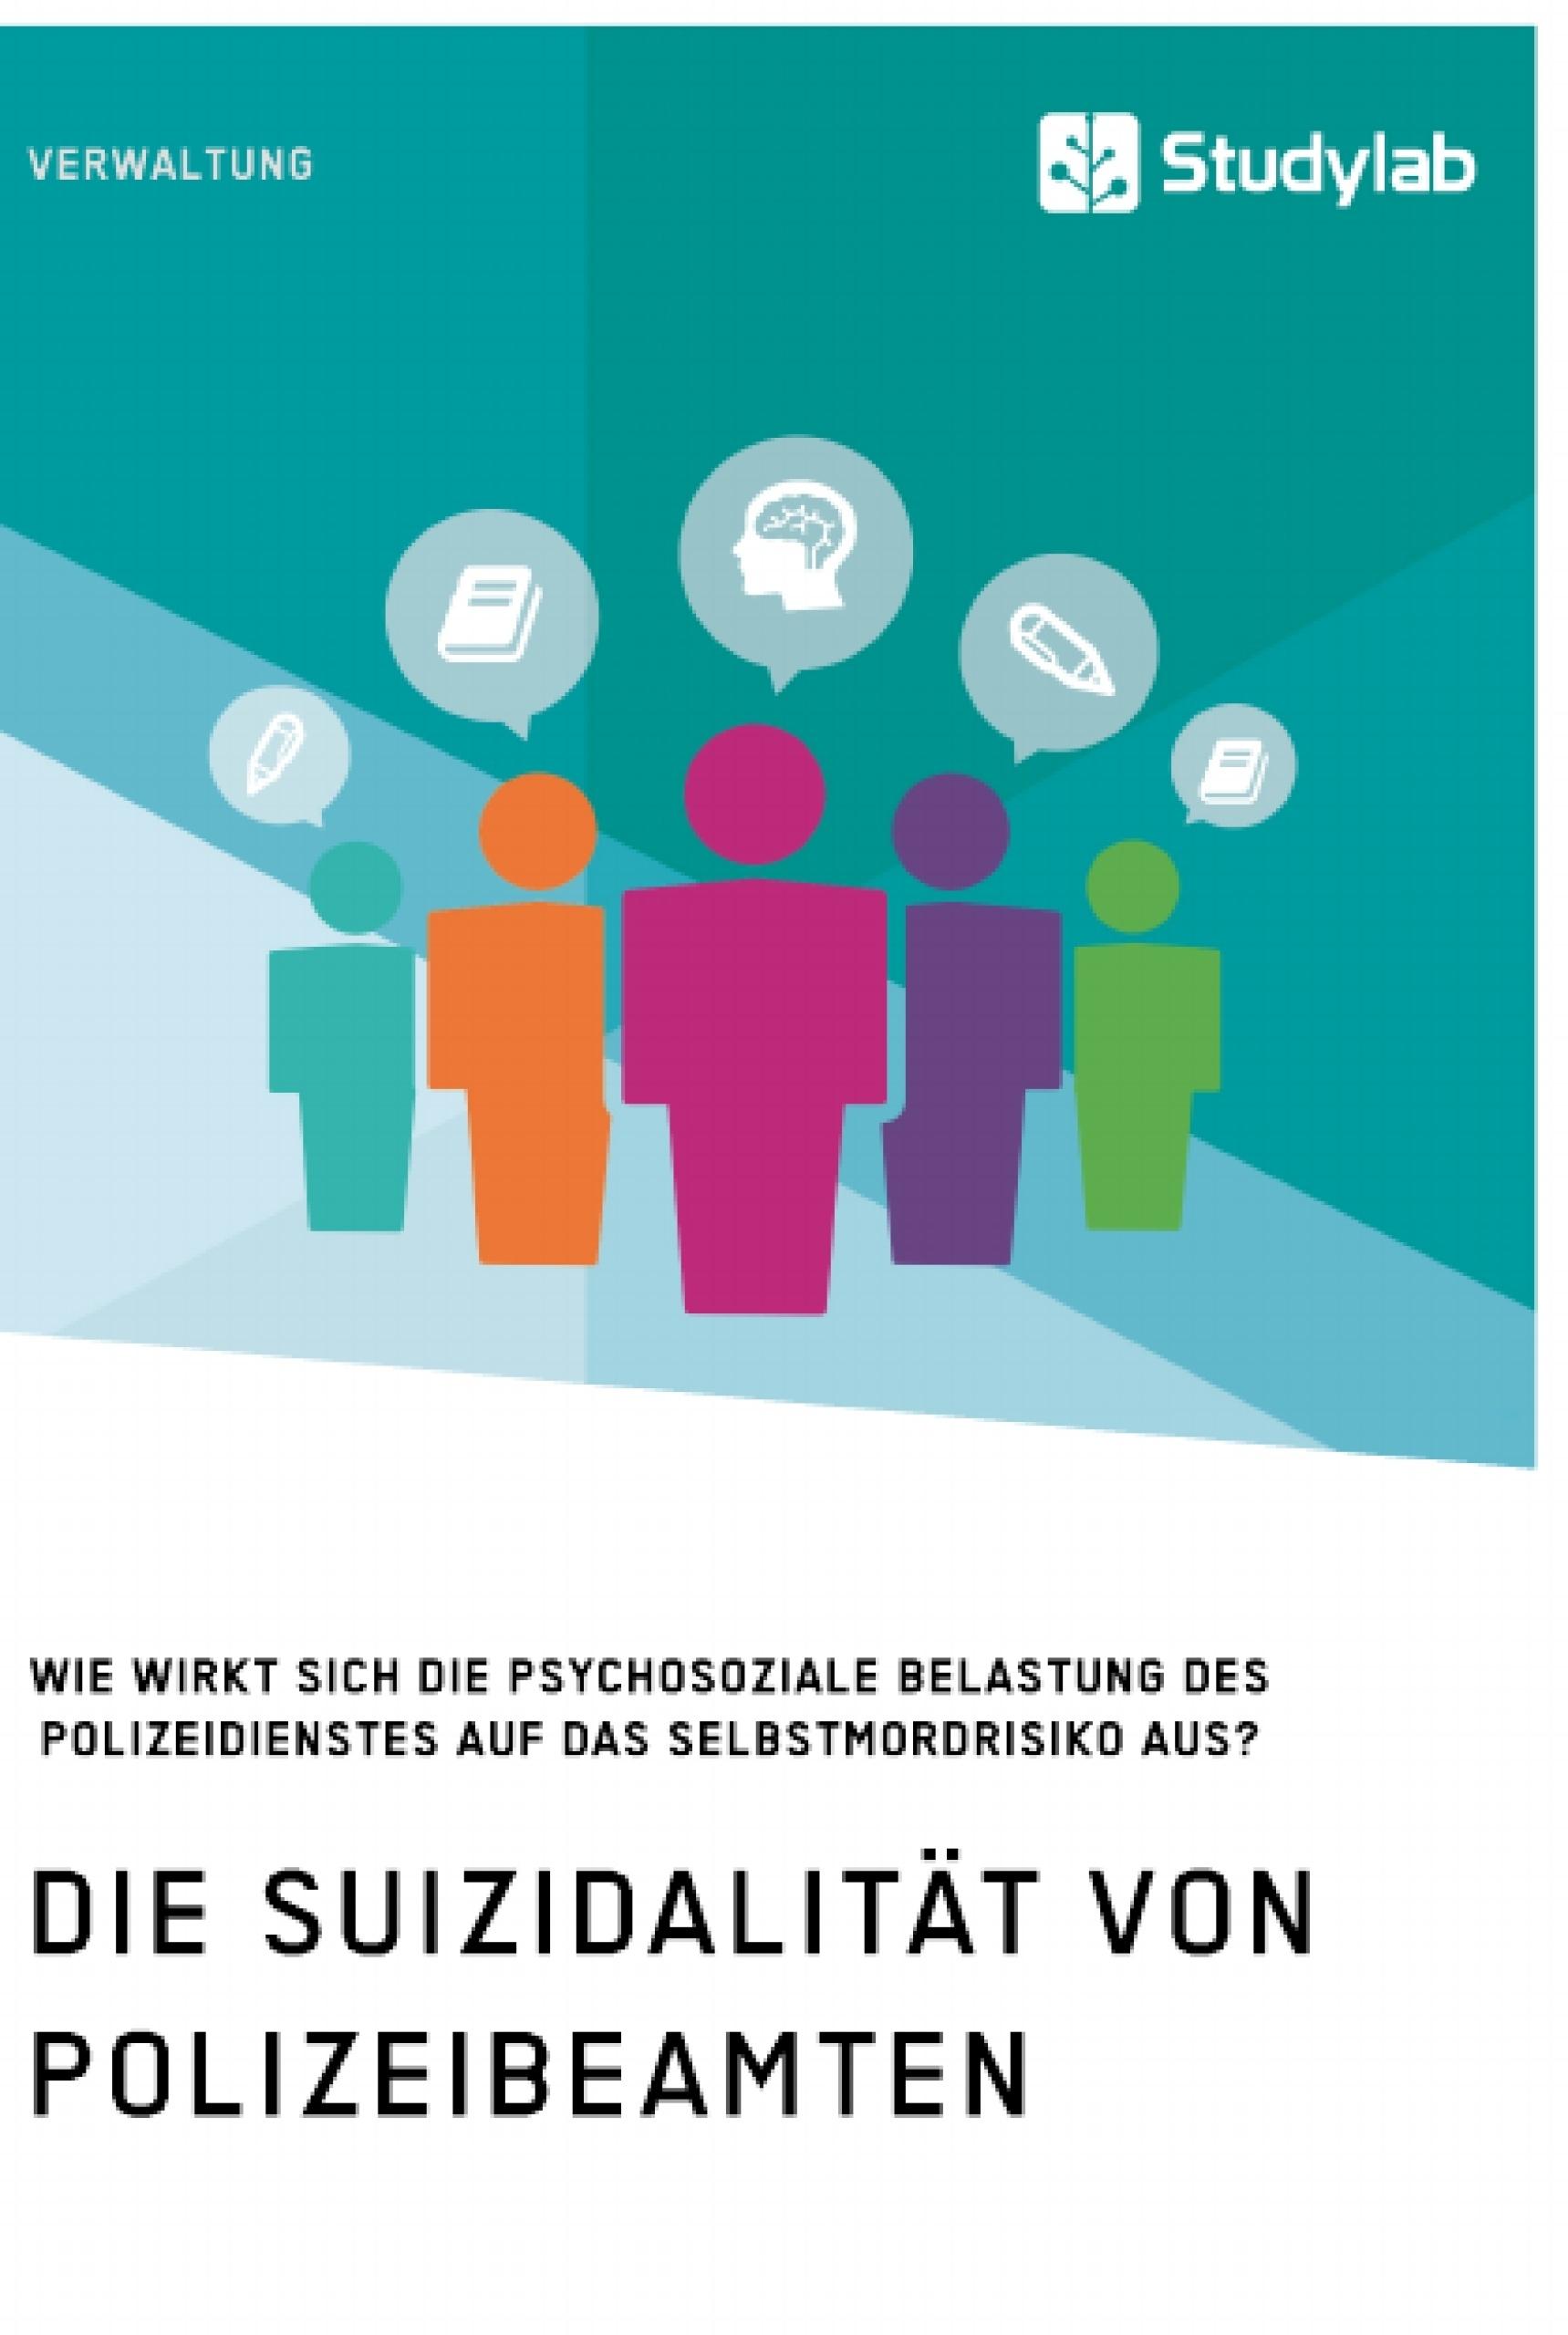 Titel: Die Suizidalität von Polizeibeamten. Wie wirkt sich die psychosoziale Belastung des Polizeidienstes auf das Selbstmordrisiko aus?